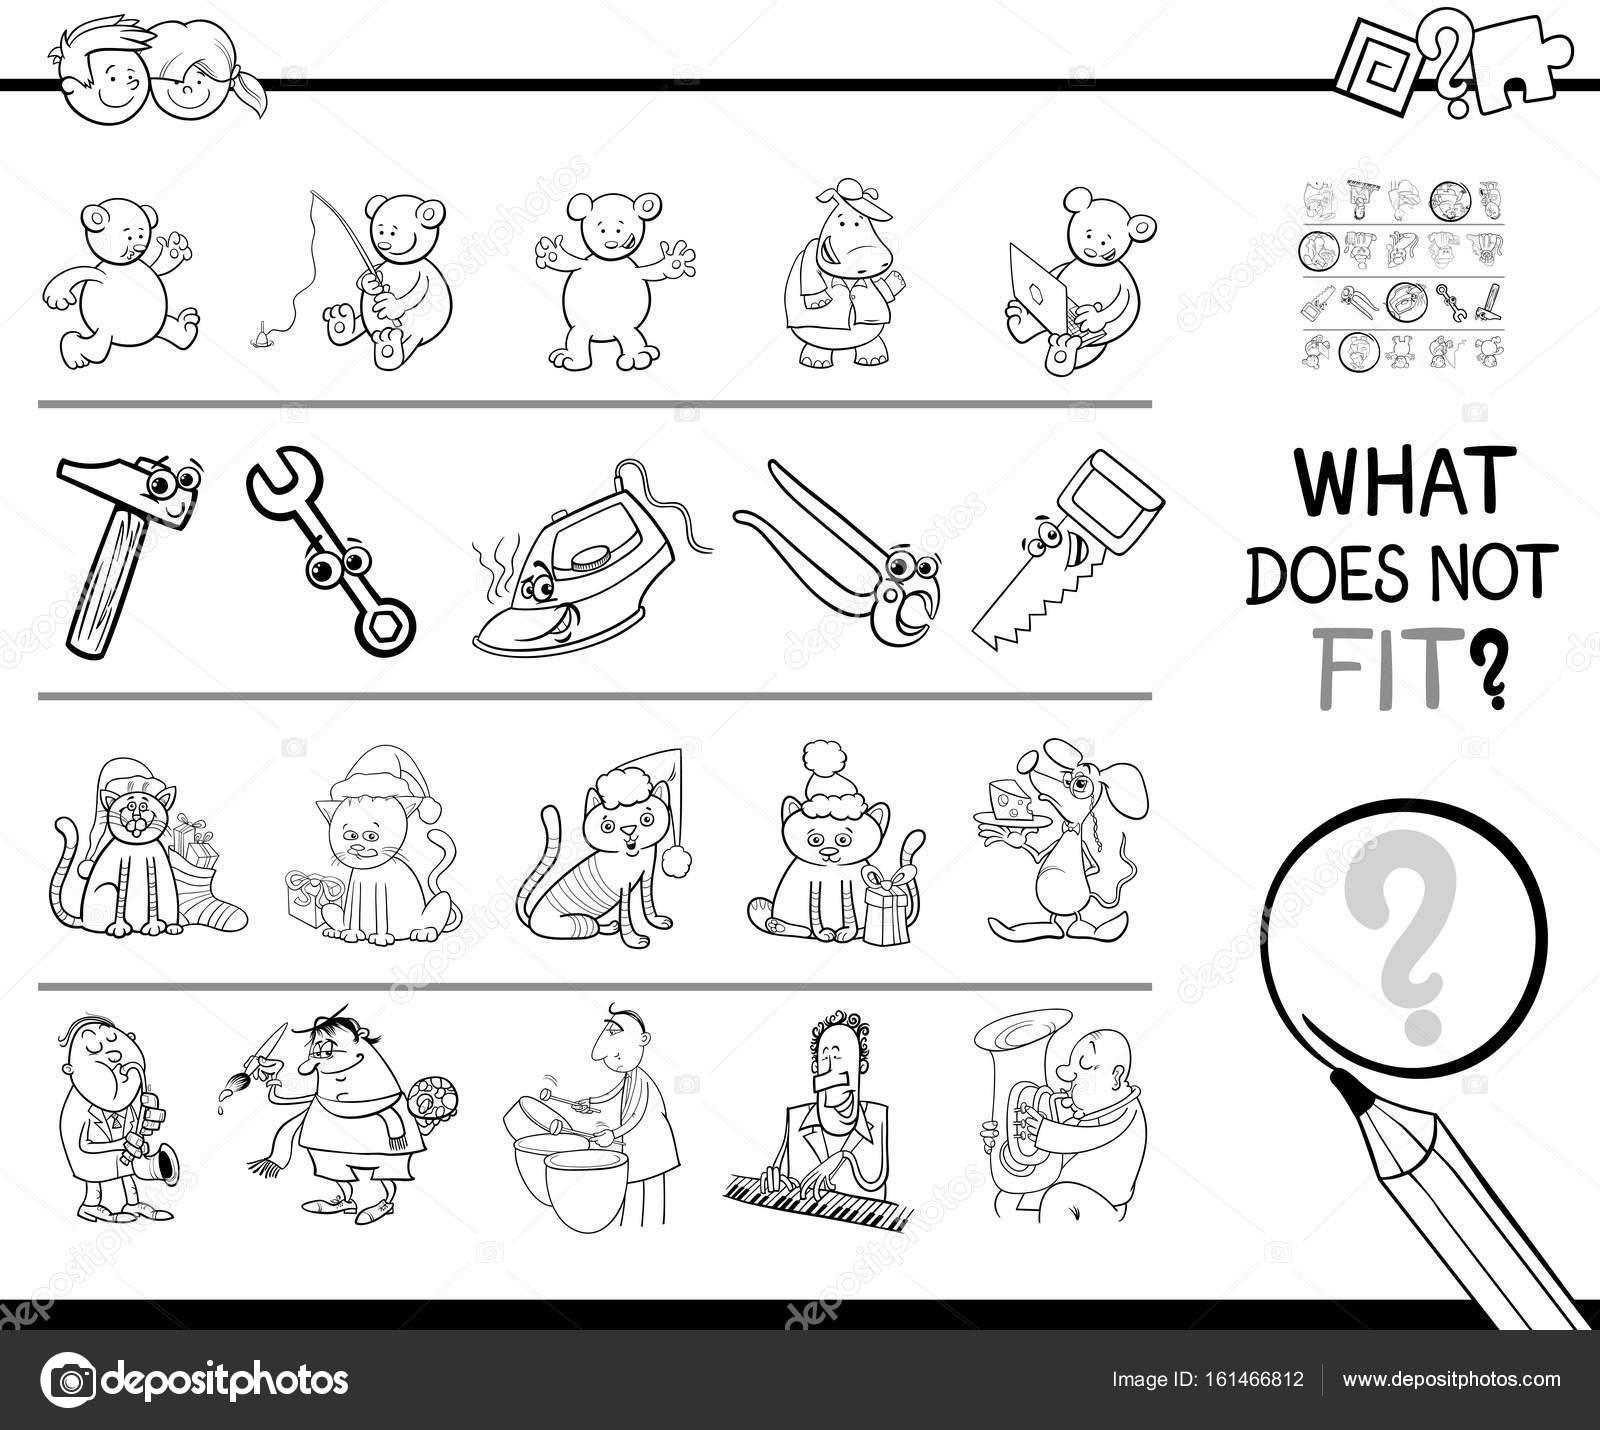 mal imagen en línea para colorear juego — Archivo Imágenes ...